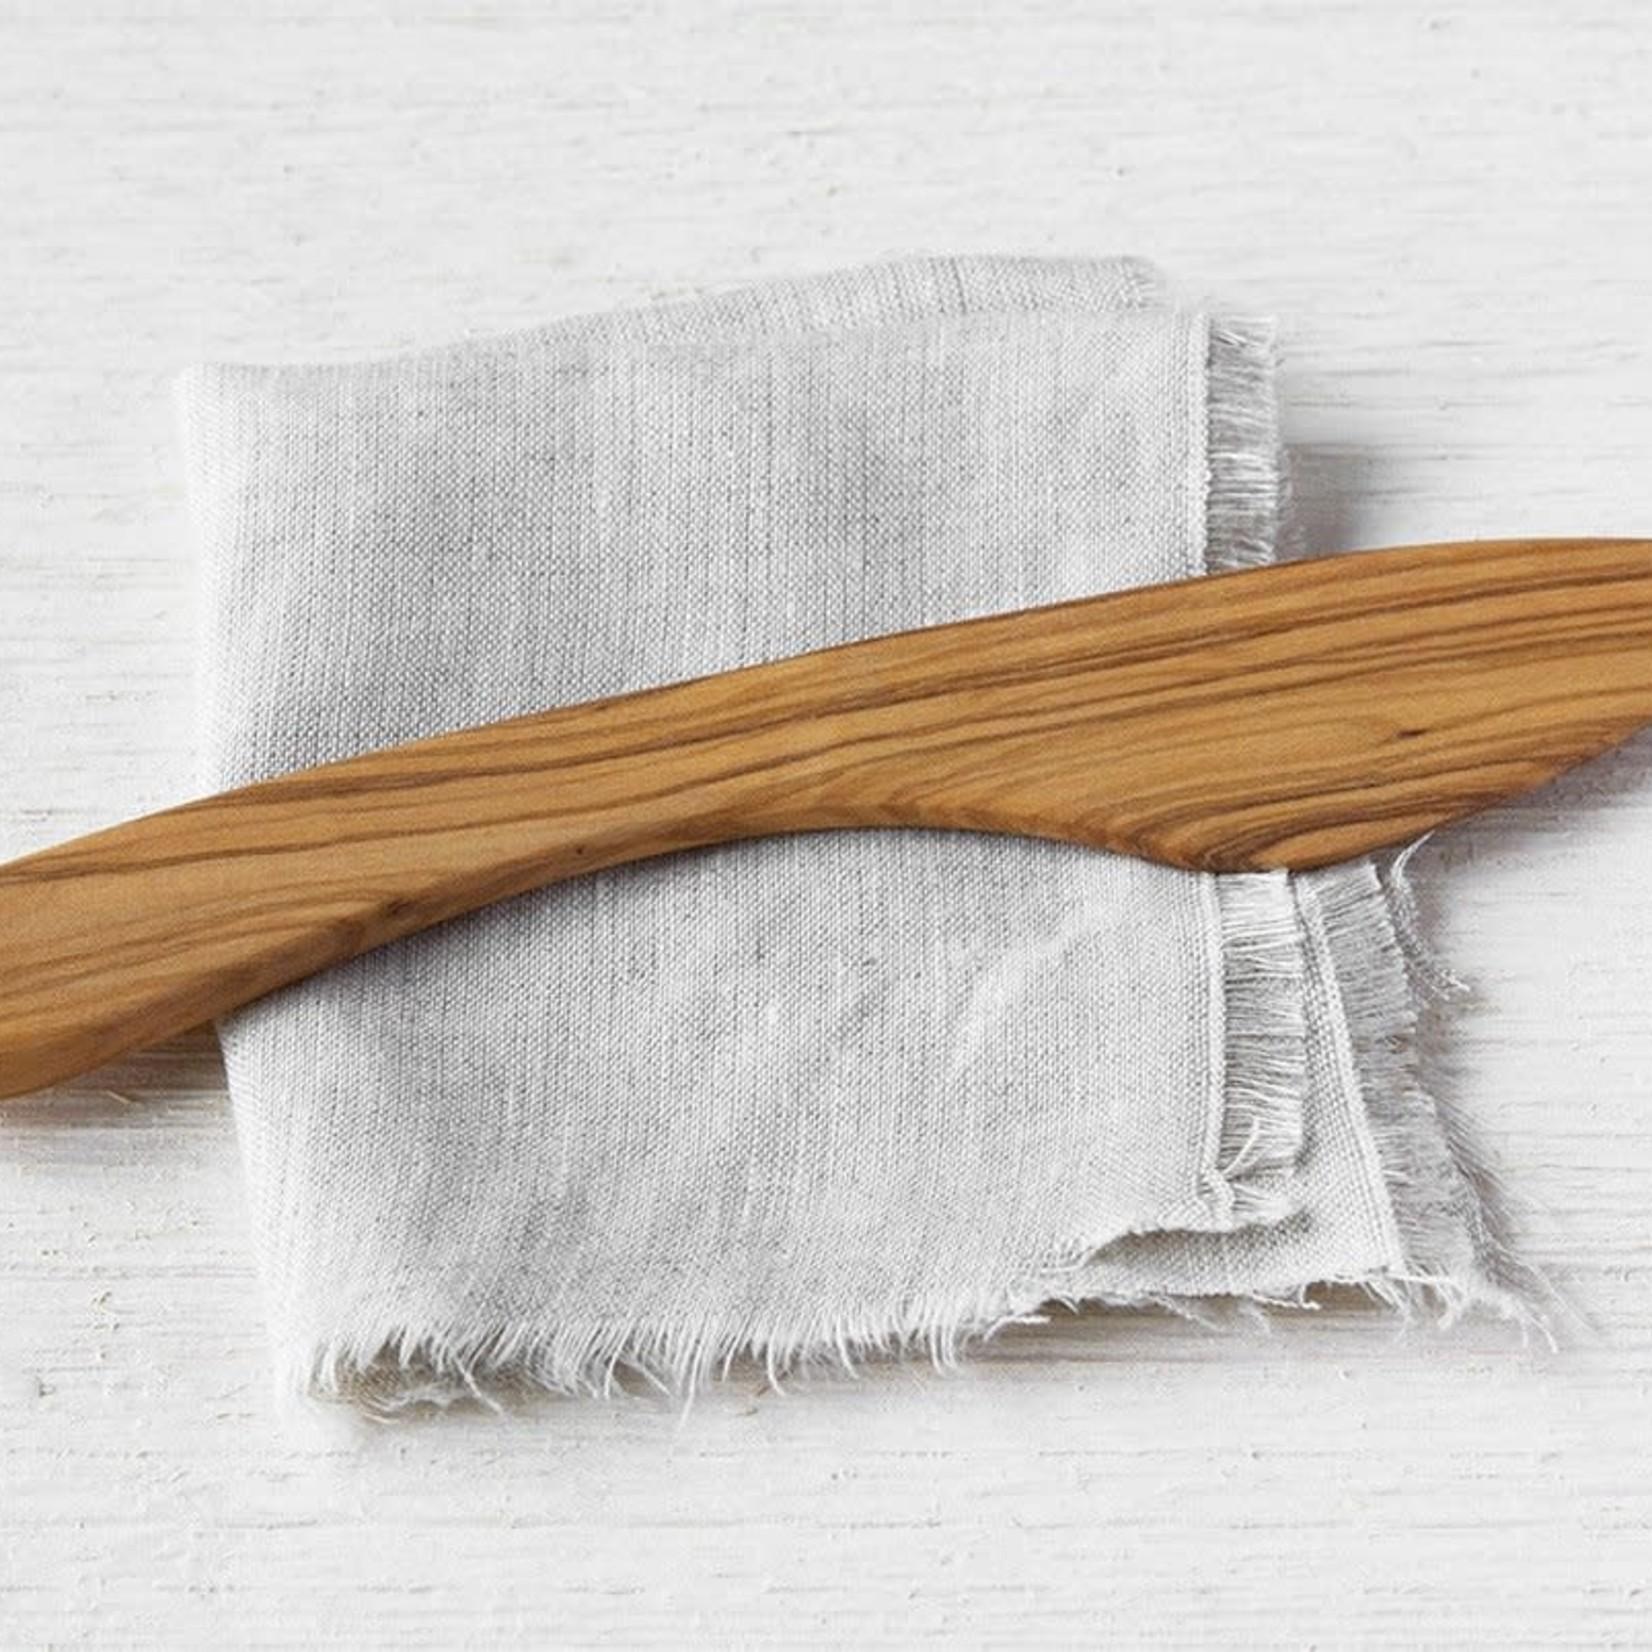 Brooklyn Slate Co - Wood Cheese Knife